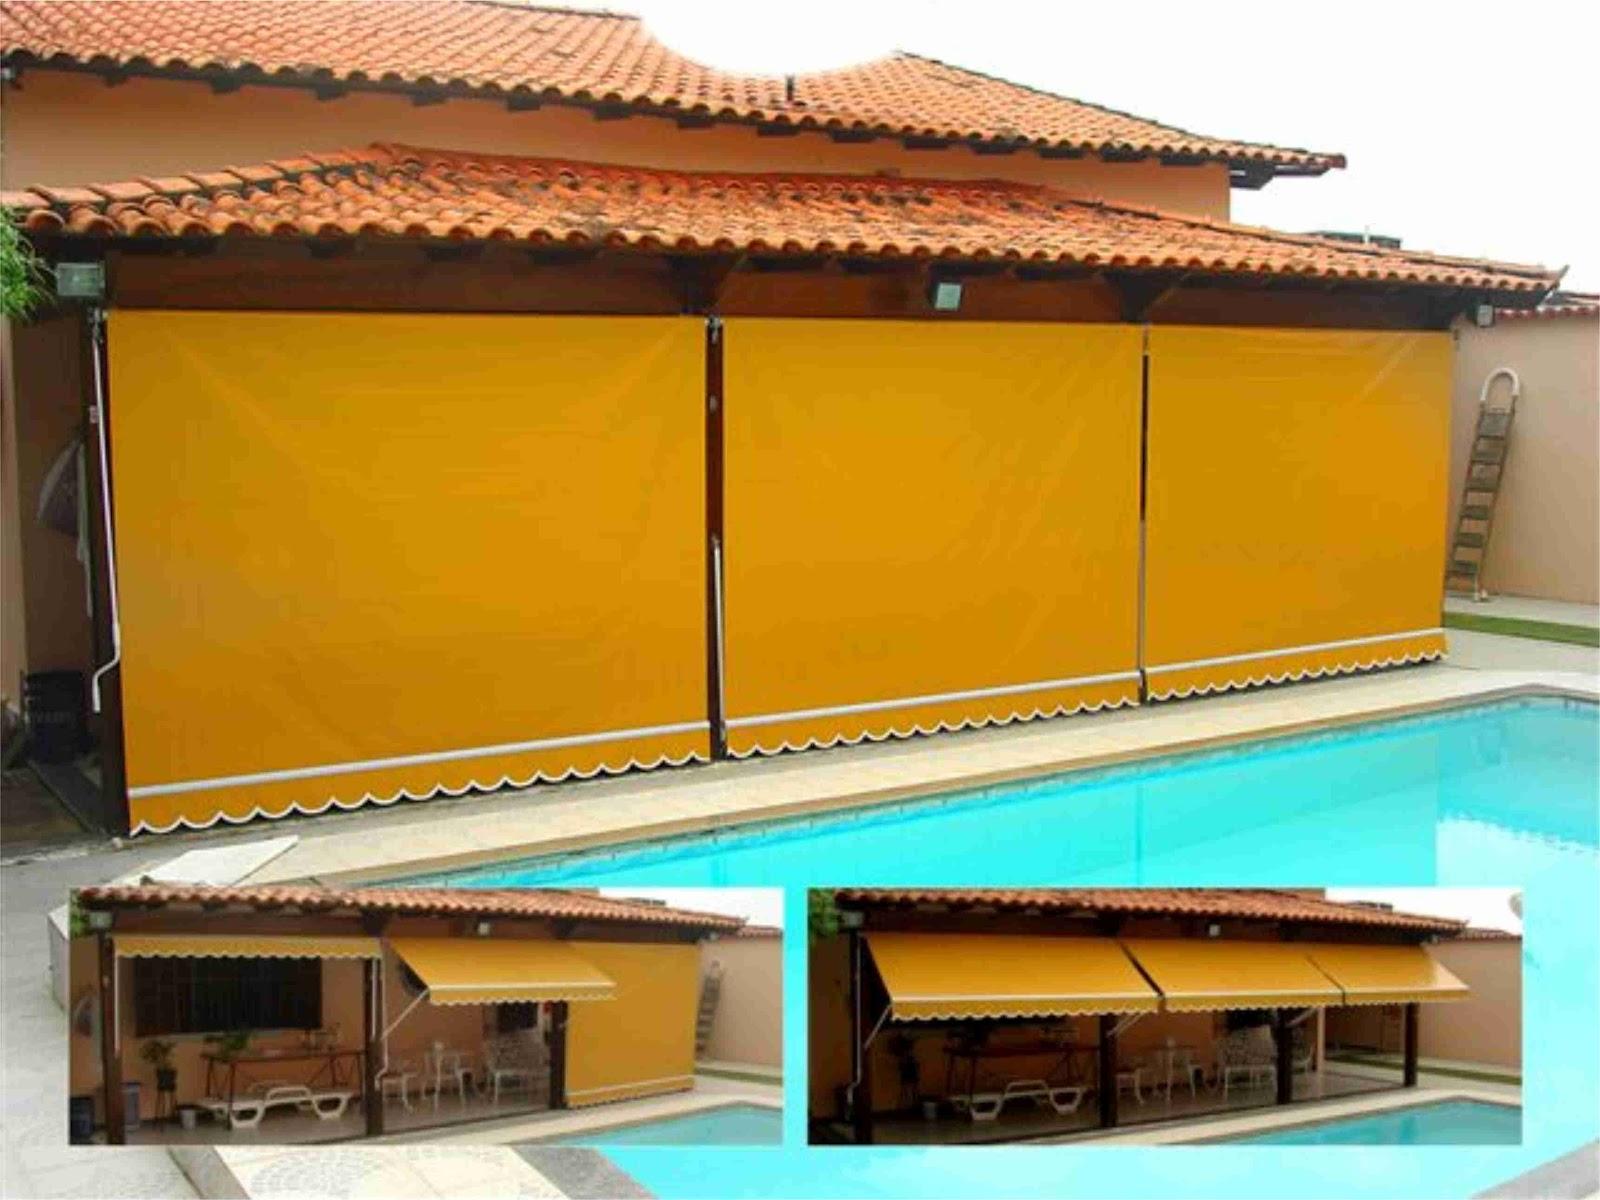 Toldos portada toldos garcia madrid for Imagenes de toldos